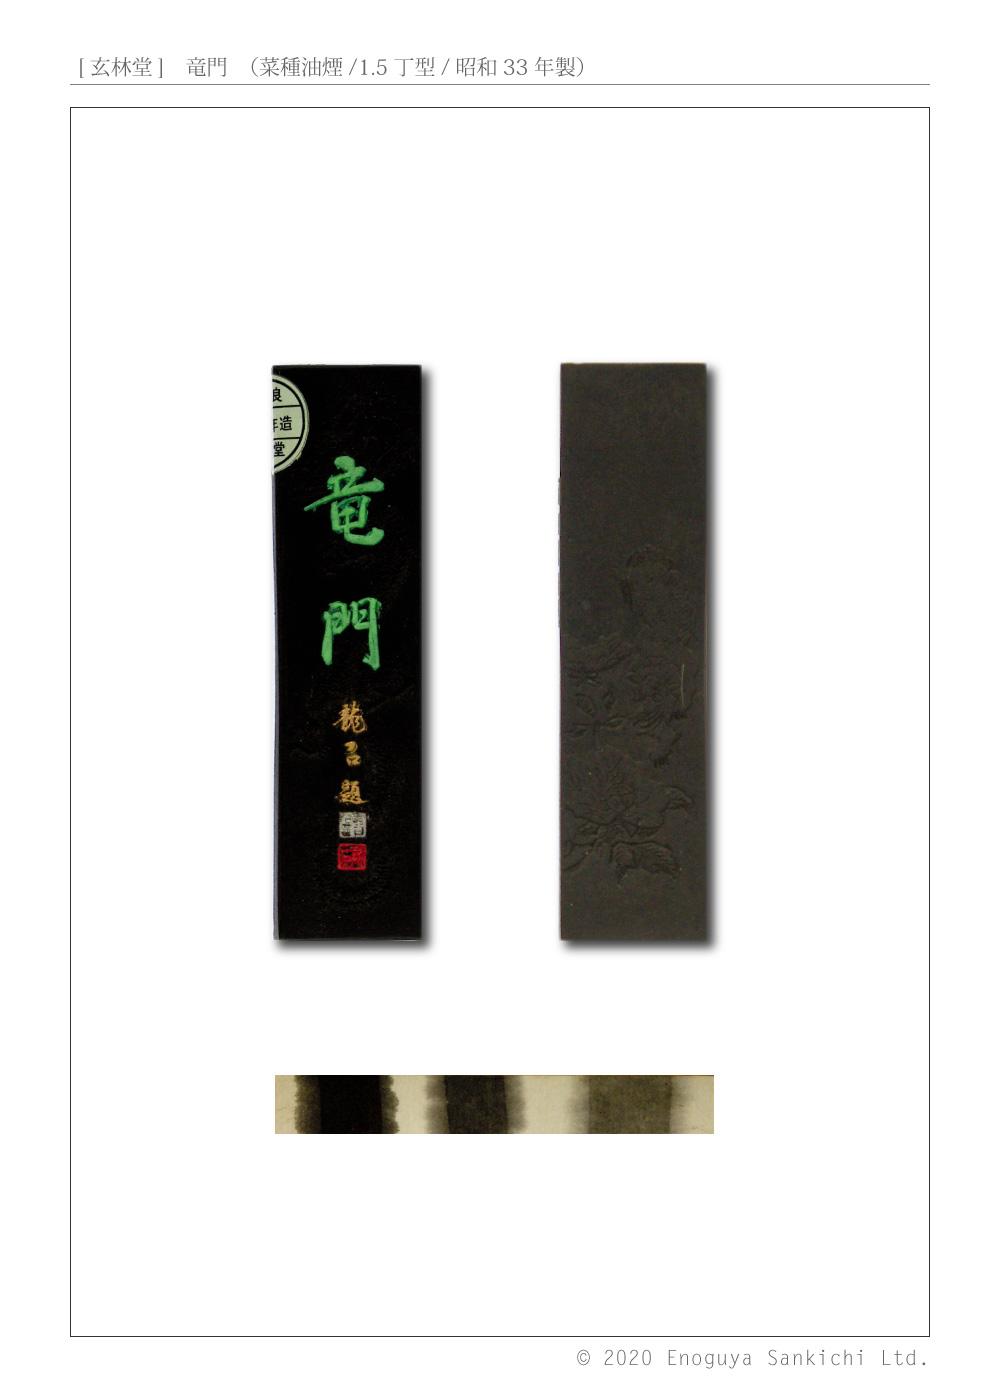 [玄林堂] 竜門 (菜種油煙/1.5丁型/昭和33年製)